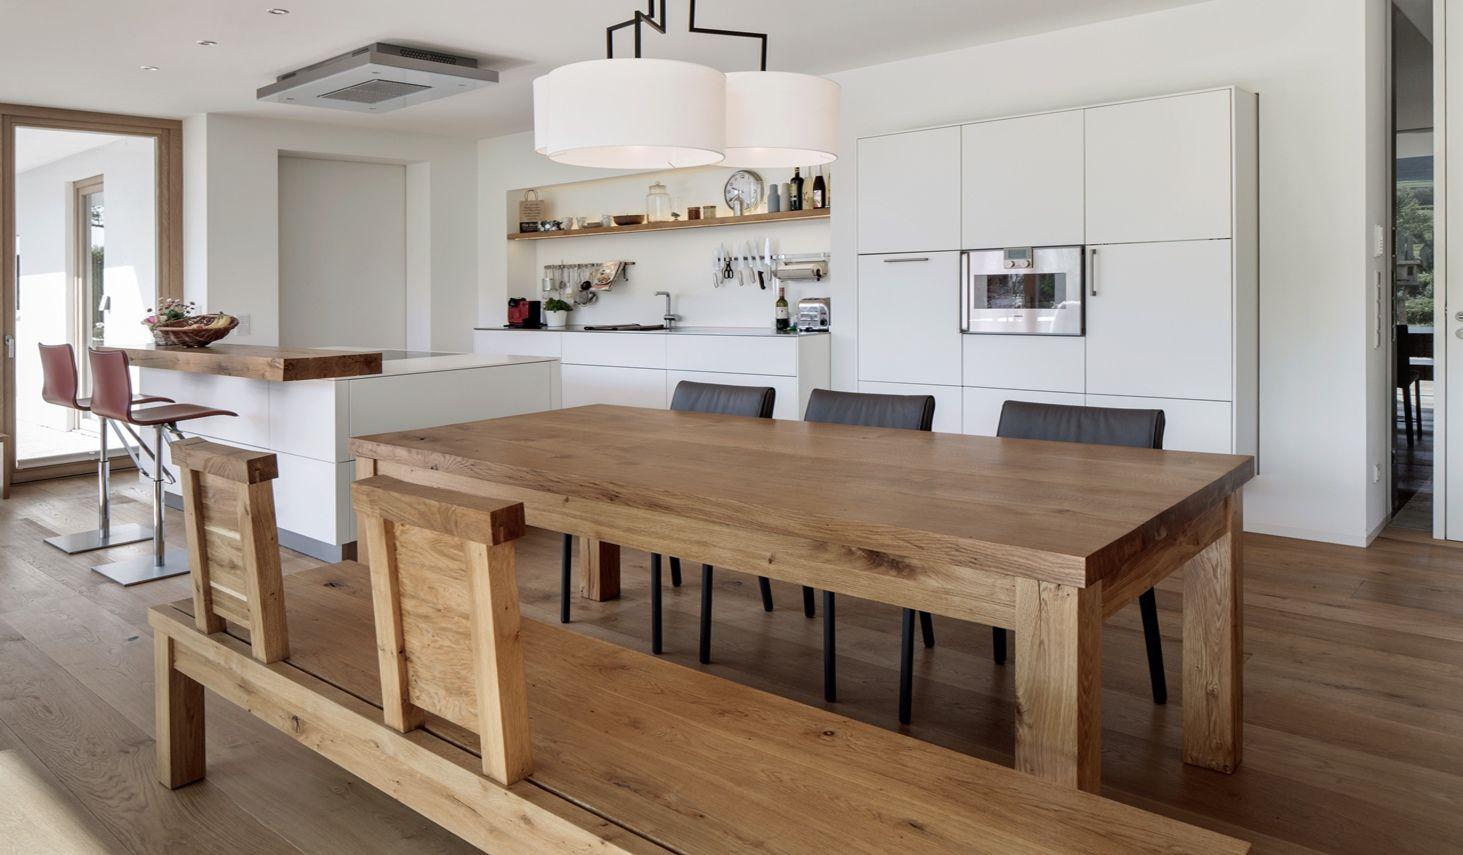 Niedlich Küchentrends 2016 Kanada Bilder - Ideen Für Die Küche ...